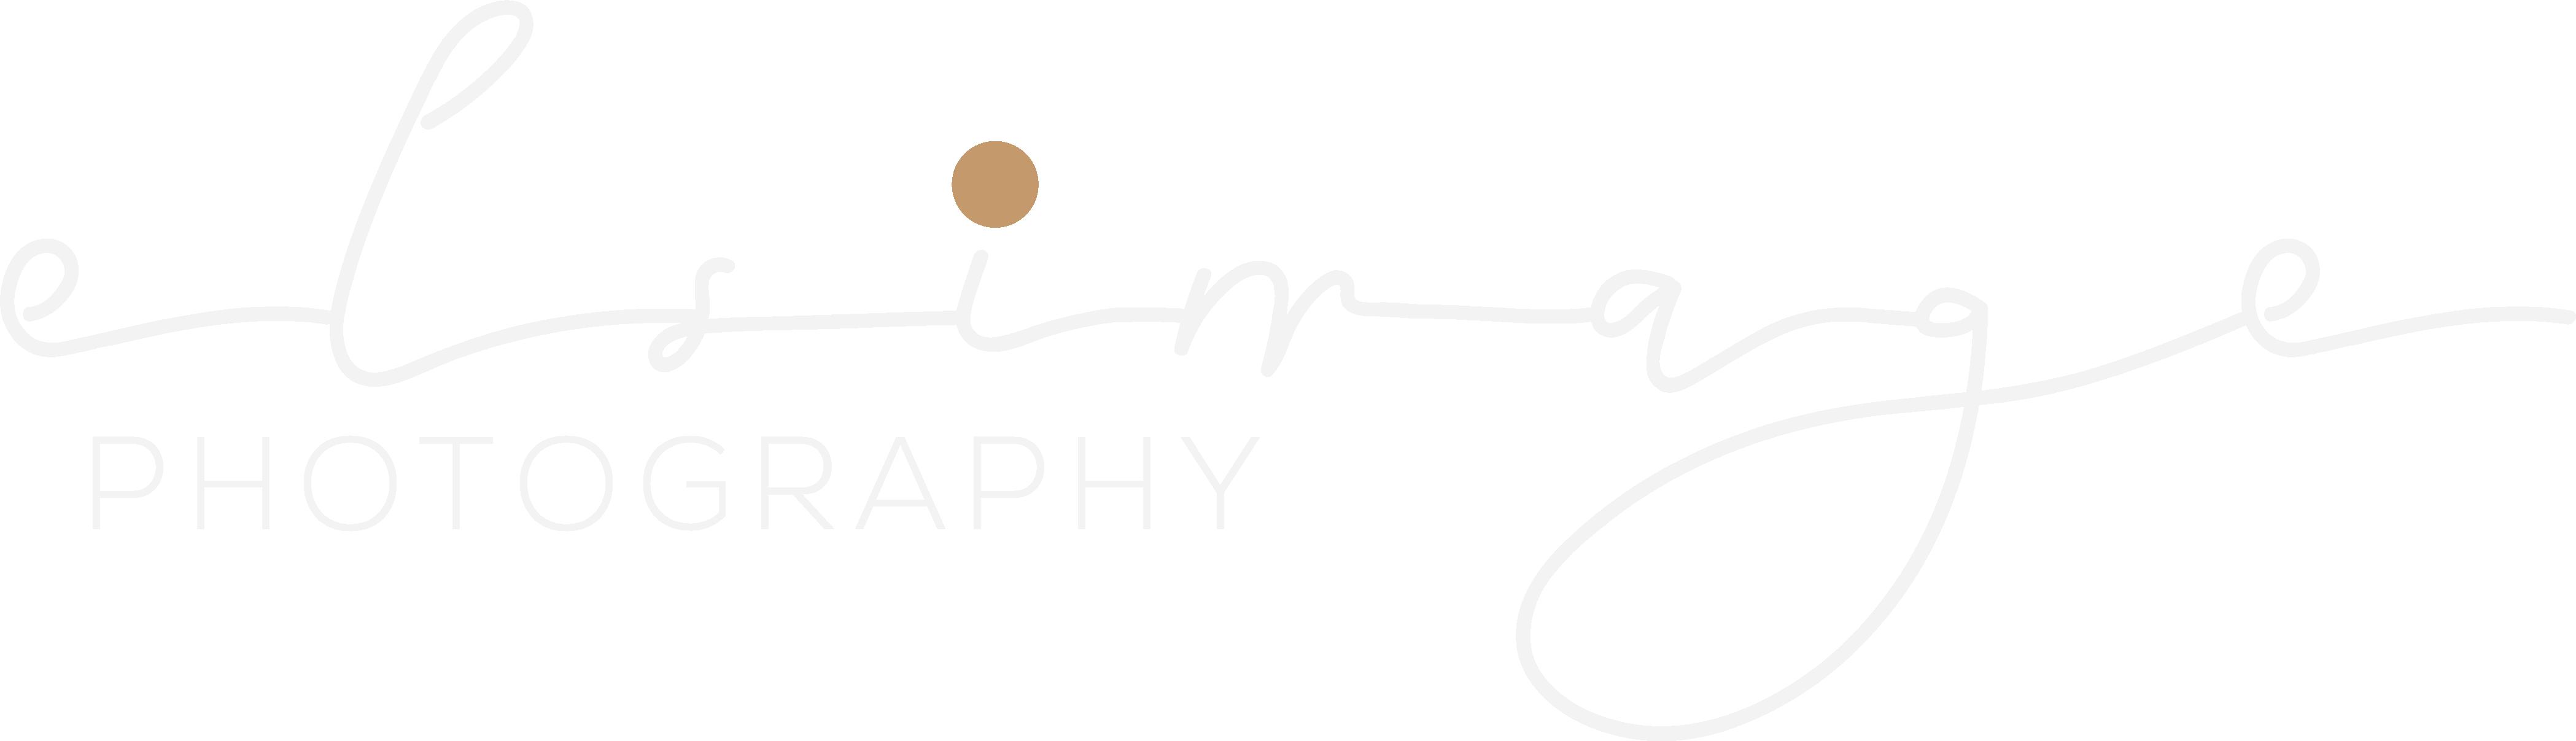 Elsimage.LLC